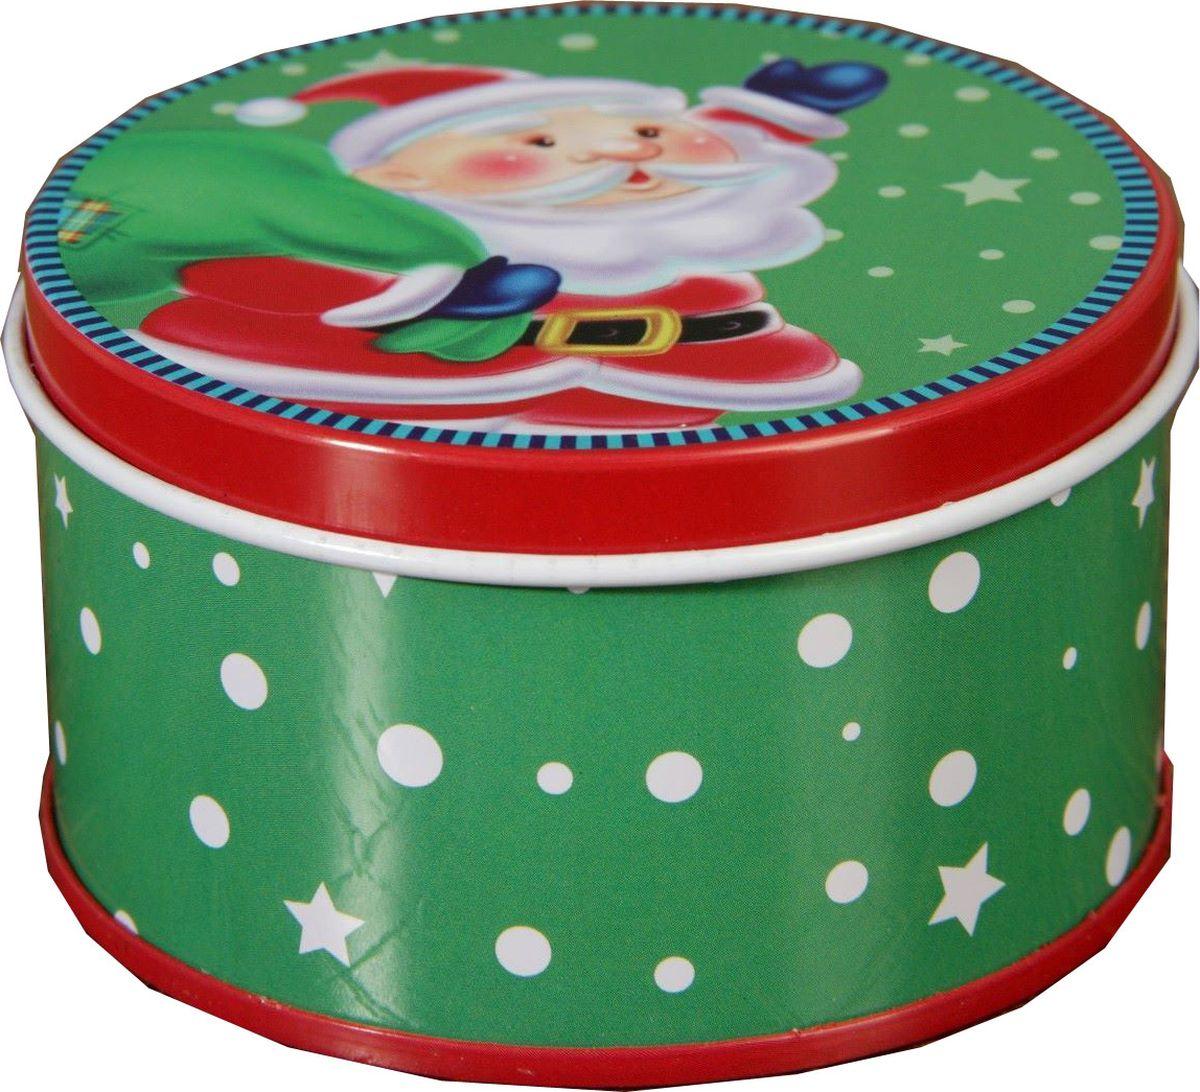 Шкатулка Sima-land Дедушка Мороз с мешком подарков, цвет: зеленый, 4,5 х 8 х 8 см2266167Шкатулка — это небольшой сувенир, а также оригинальная упаковка подарка. Она дополнит интерьер спальни, гостиной или прихожей. Изделие предназначено для хранения украшений: колец, браслетов, часов, цепочек, колье, сережек и прочих предметов.